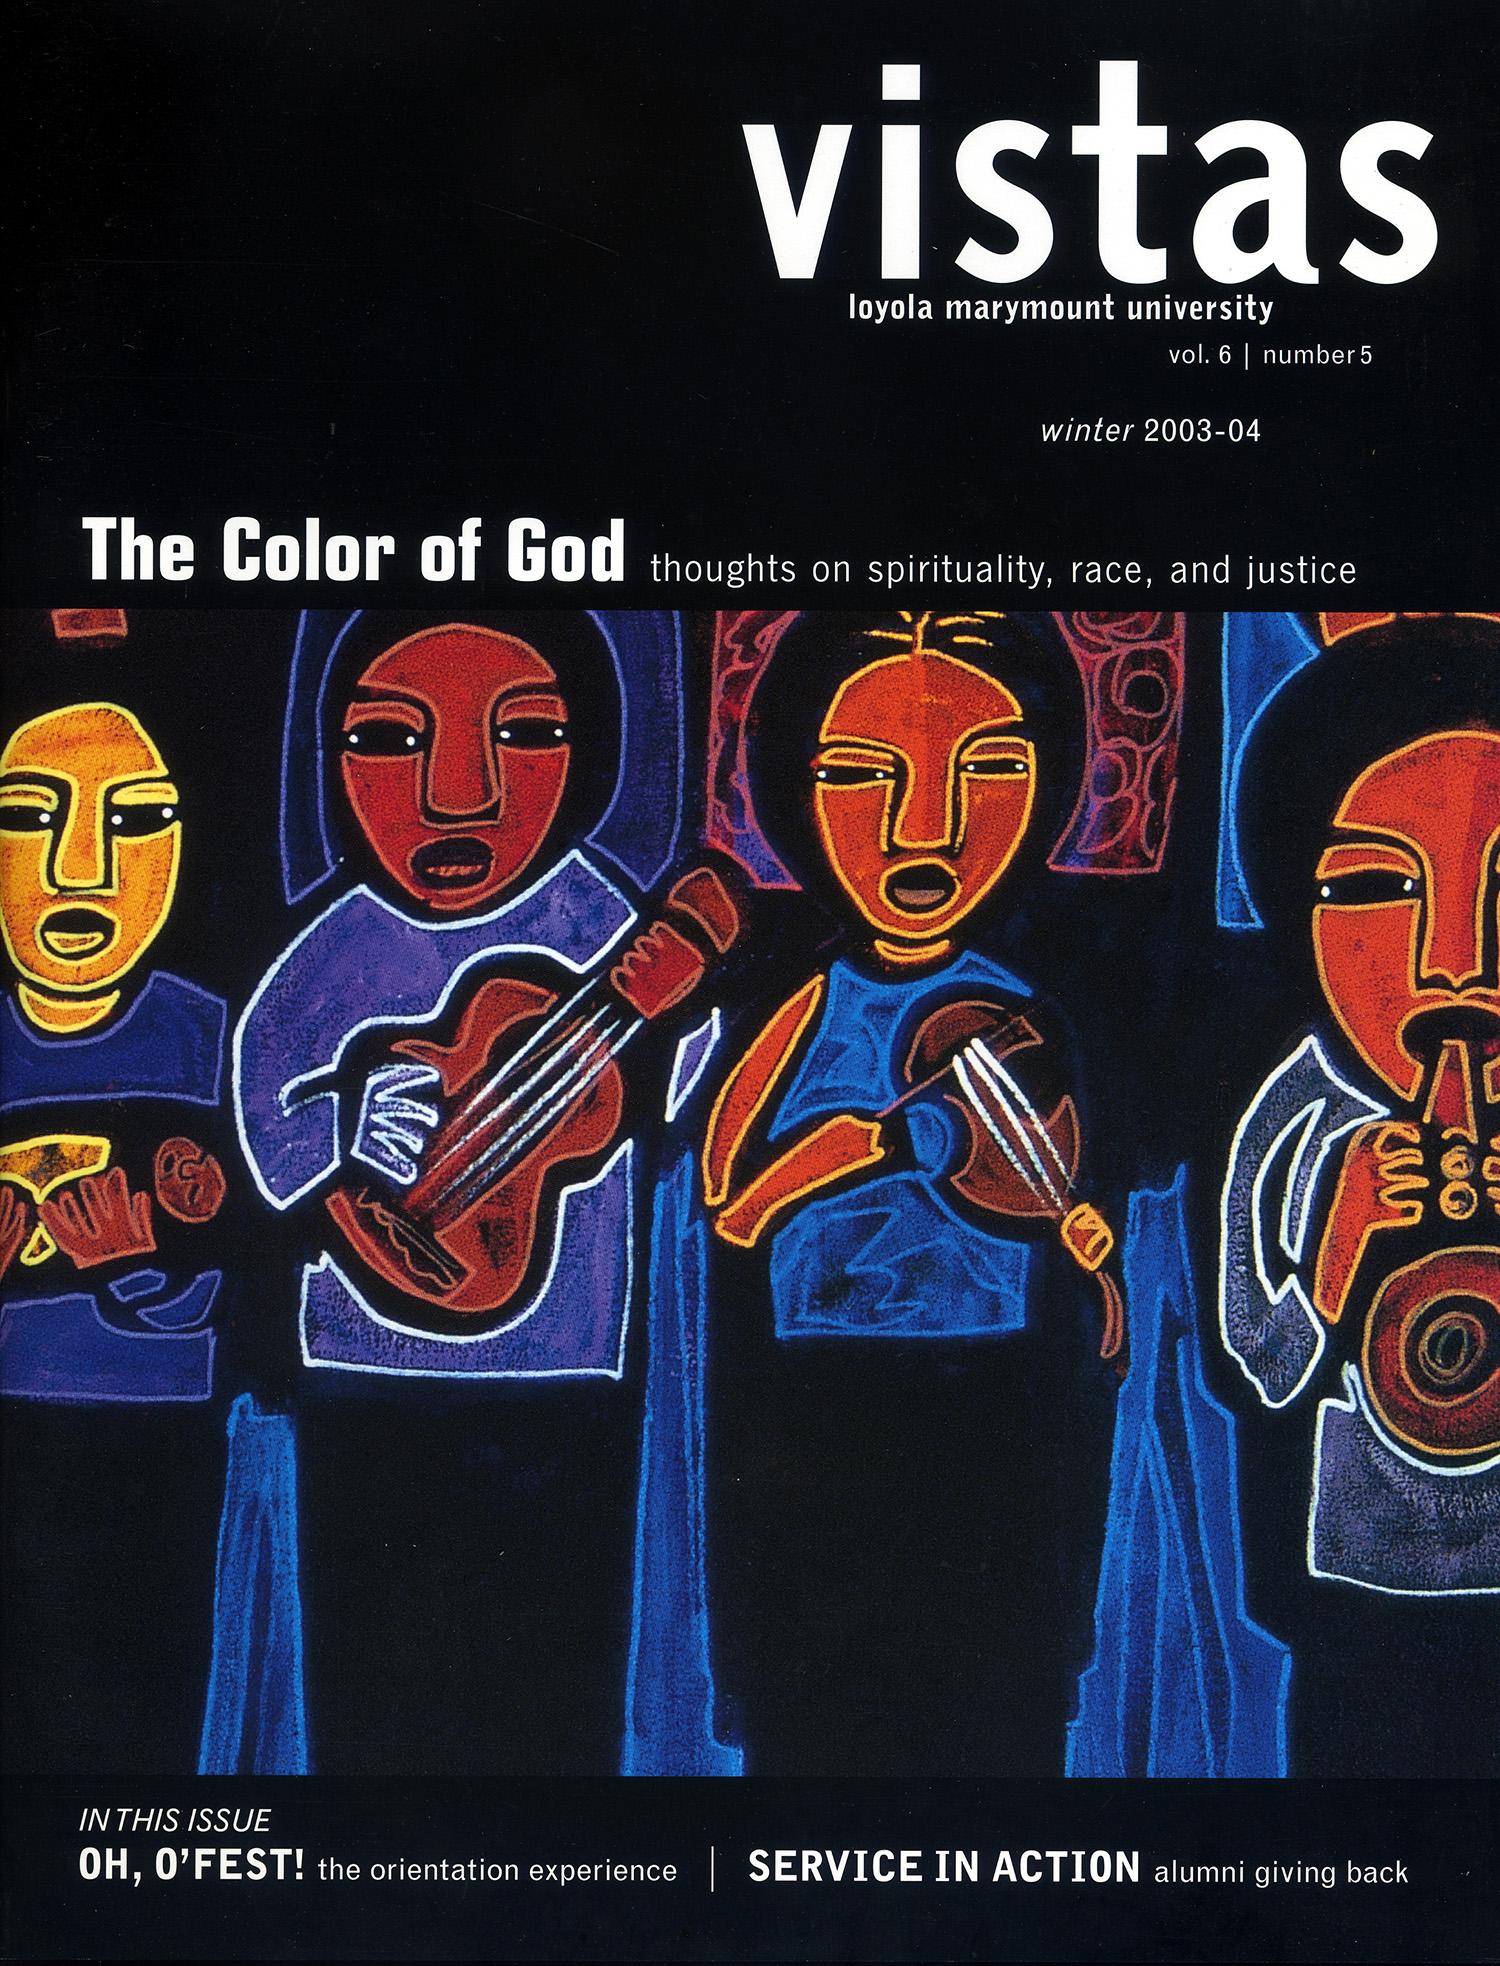 Cover Art for Vistas Magazine, LMU, Los Angeles, 2003.